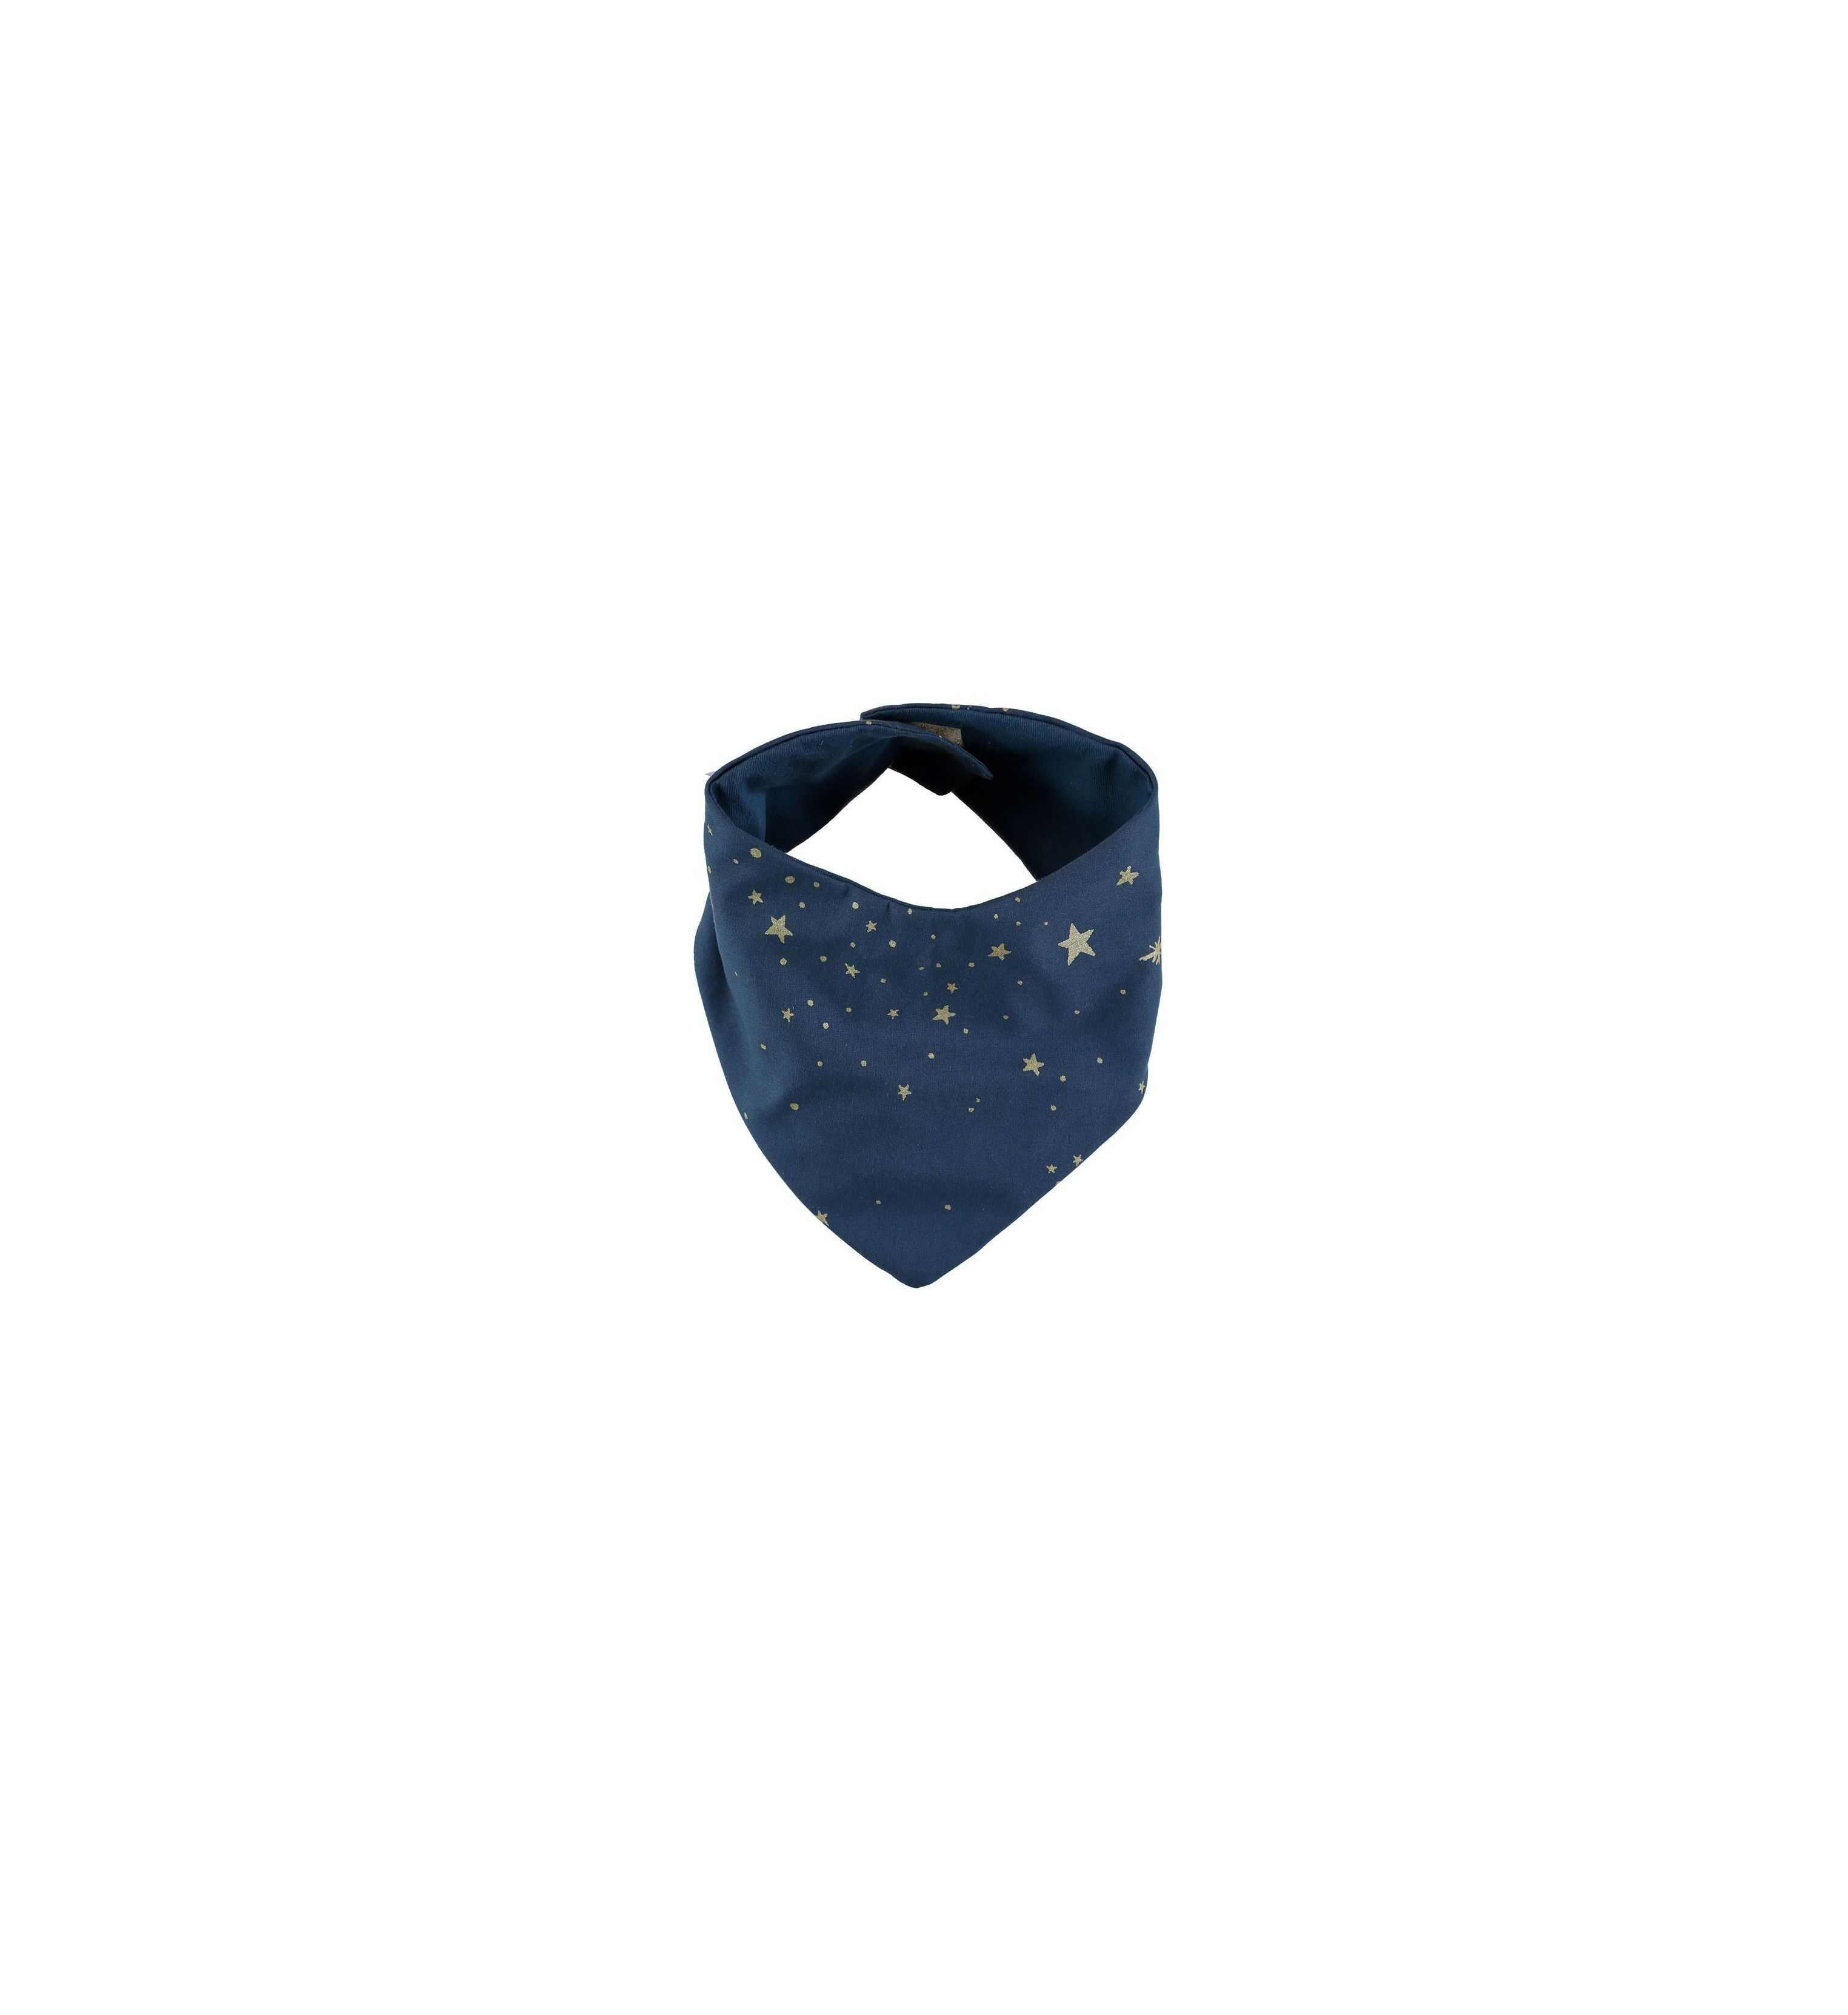 Bavoir bandana bleu étoiles dorées